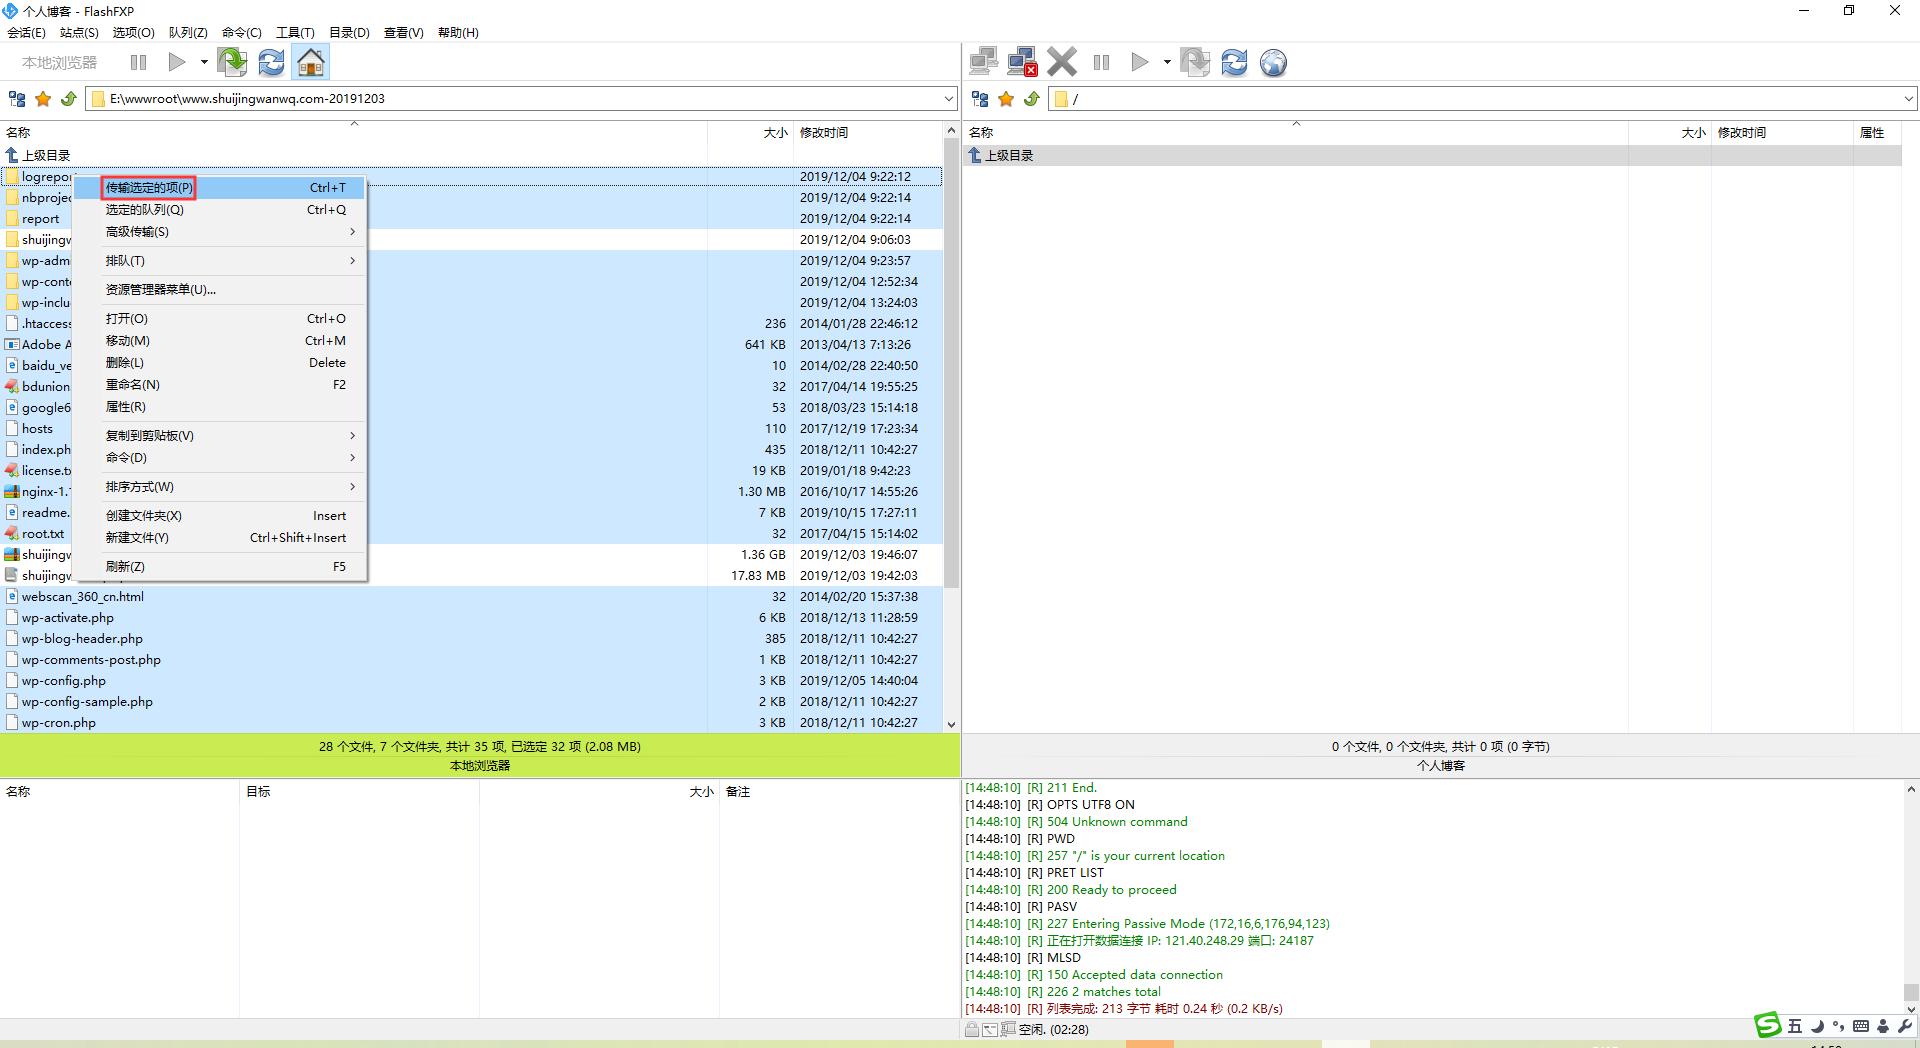 基于 FlashFXP ,连接至 FTP 服务器中,将解压后的程序文件上传